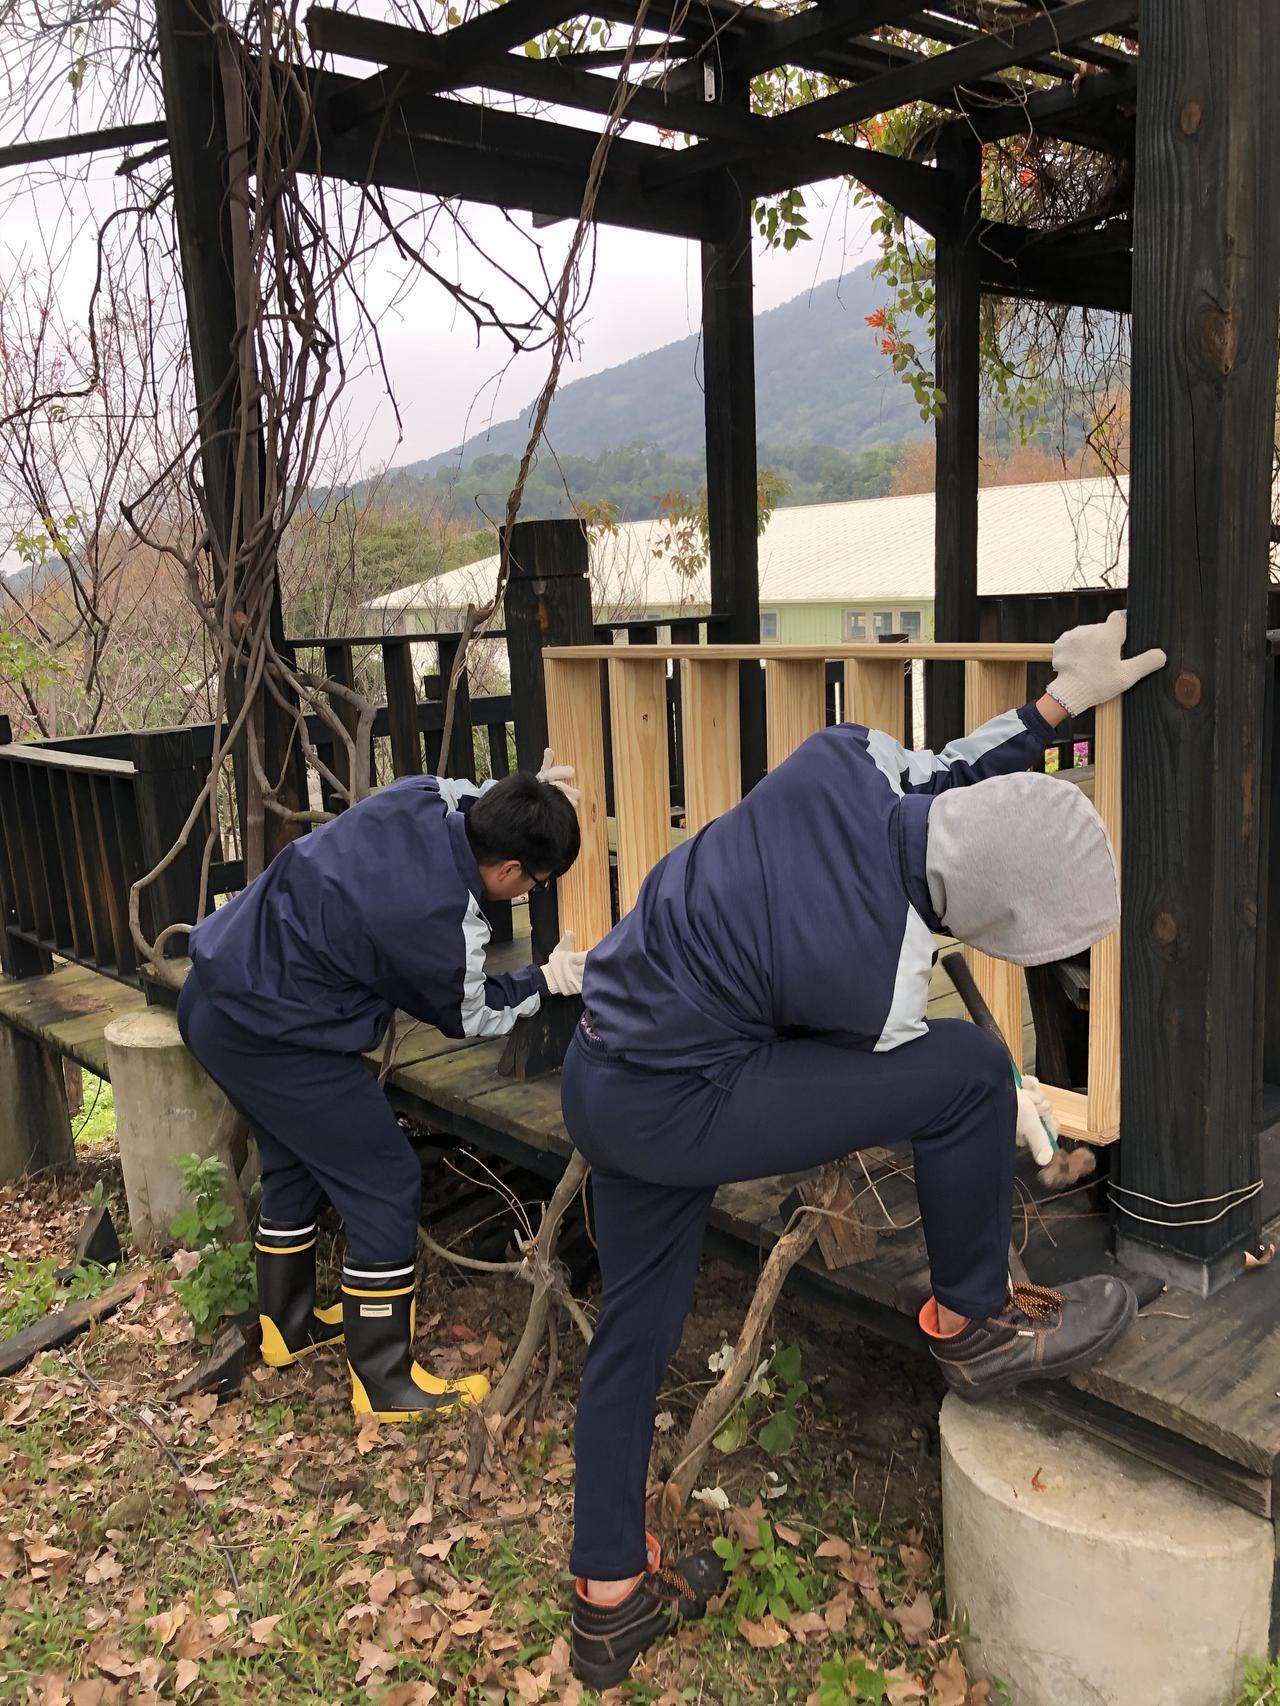 北市惇敘工商木工班學生貢獻專長,幫忙修繕校內的木製登科亭。圖/惇敘工商提供